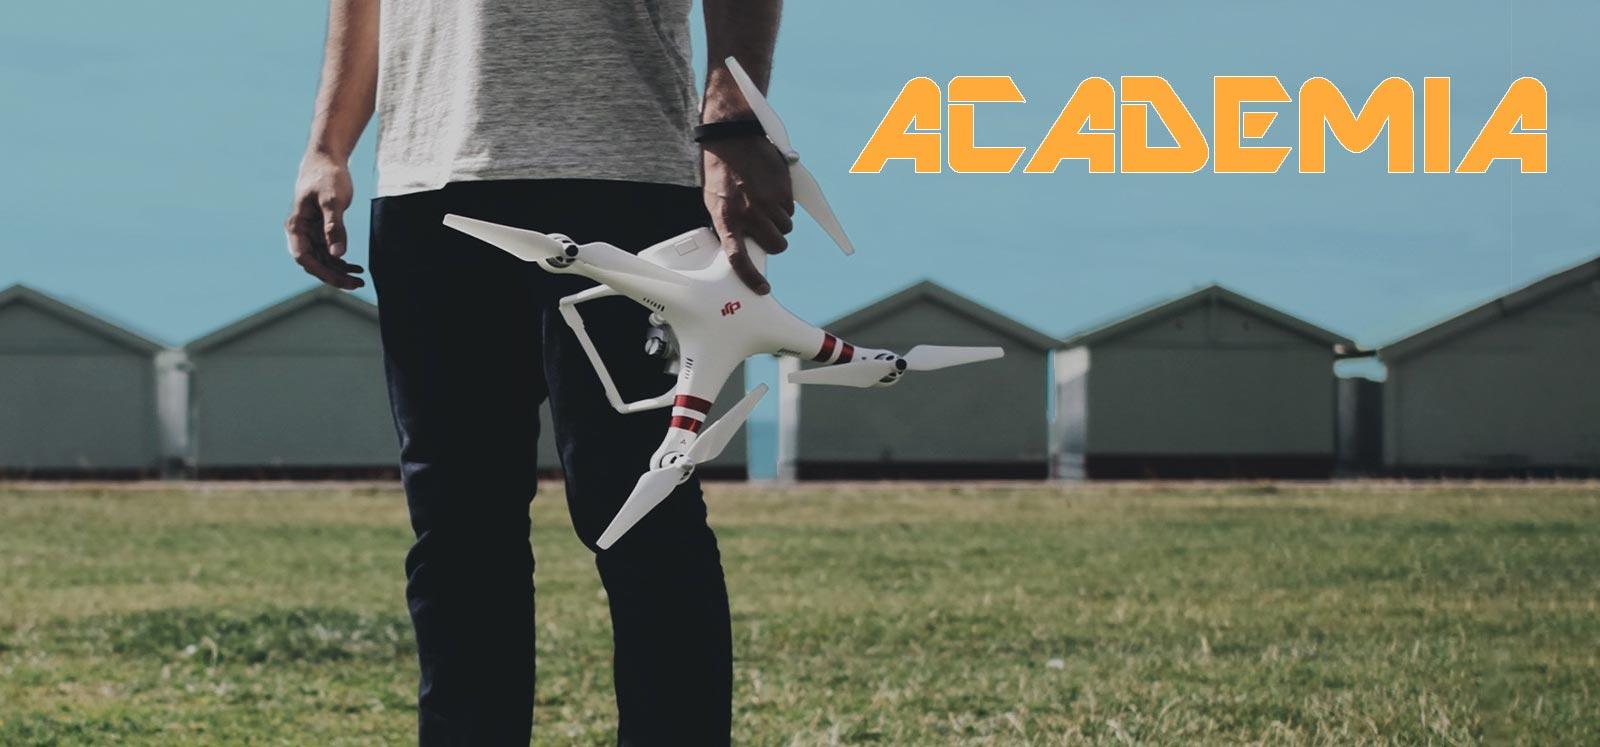 Curso de drones gratis academia